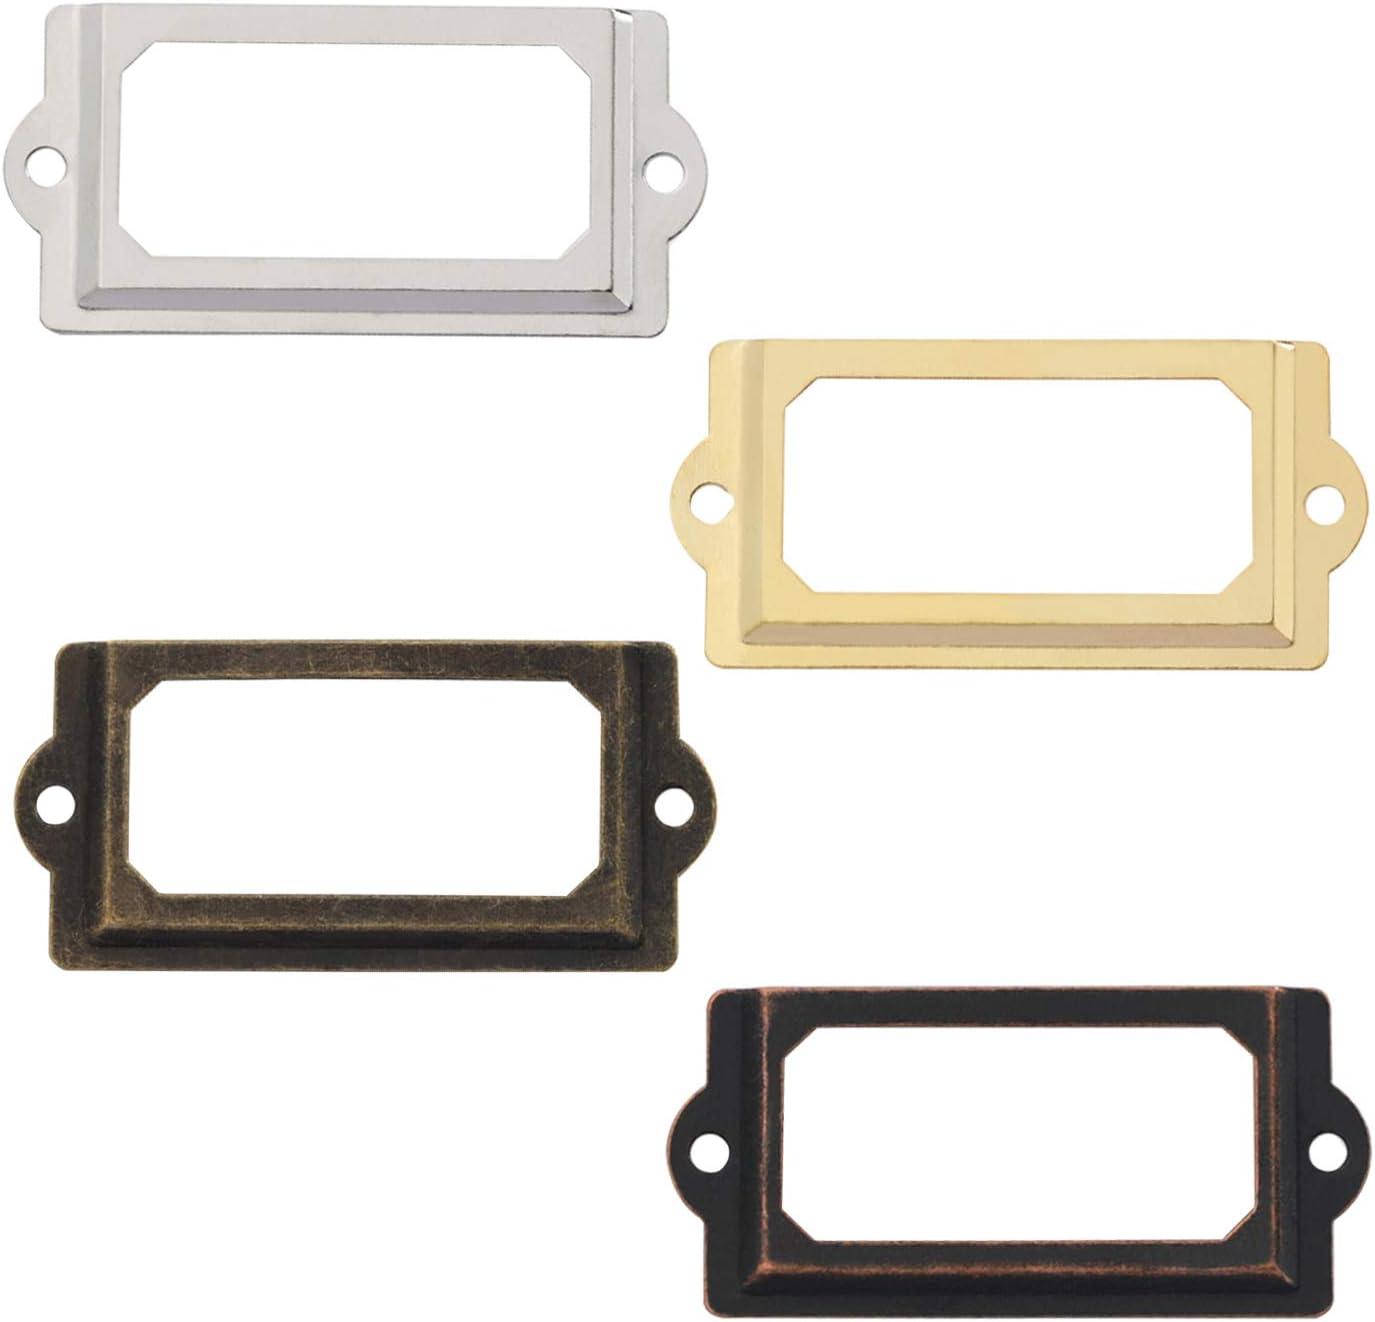 Zuzer 60pcs Etikettenrahmen Metall Label Halter Etikettenhalter Frames Schrankrahmen f/ür Namensschilder Apothekerschrank Schublade Schrank Oder Aktenschrank,70x33mm